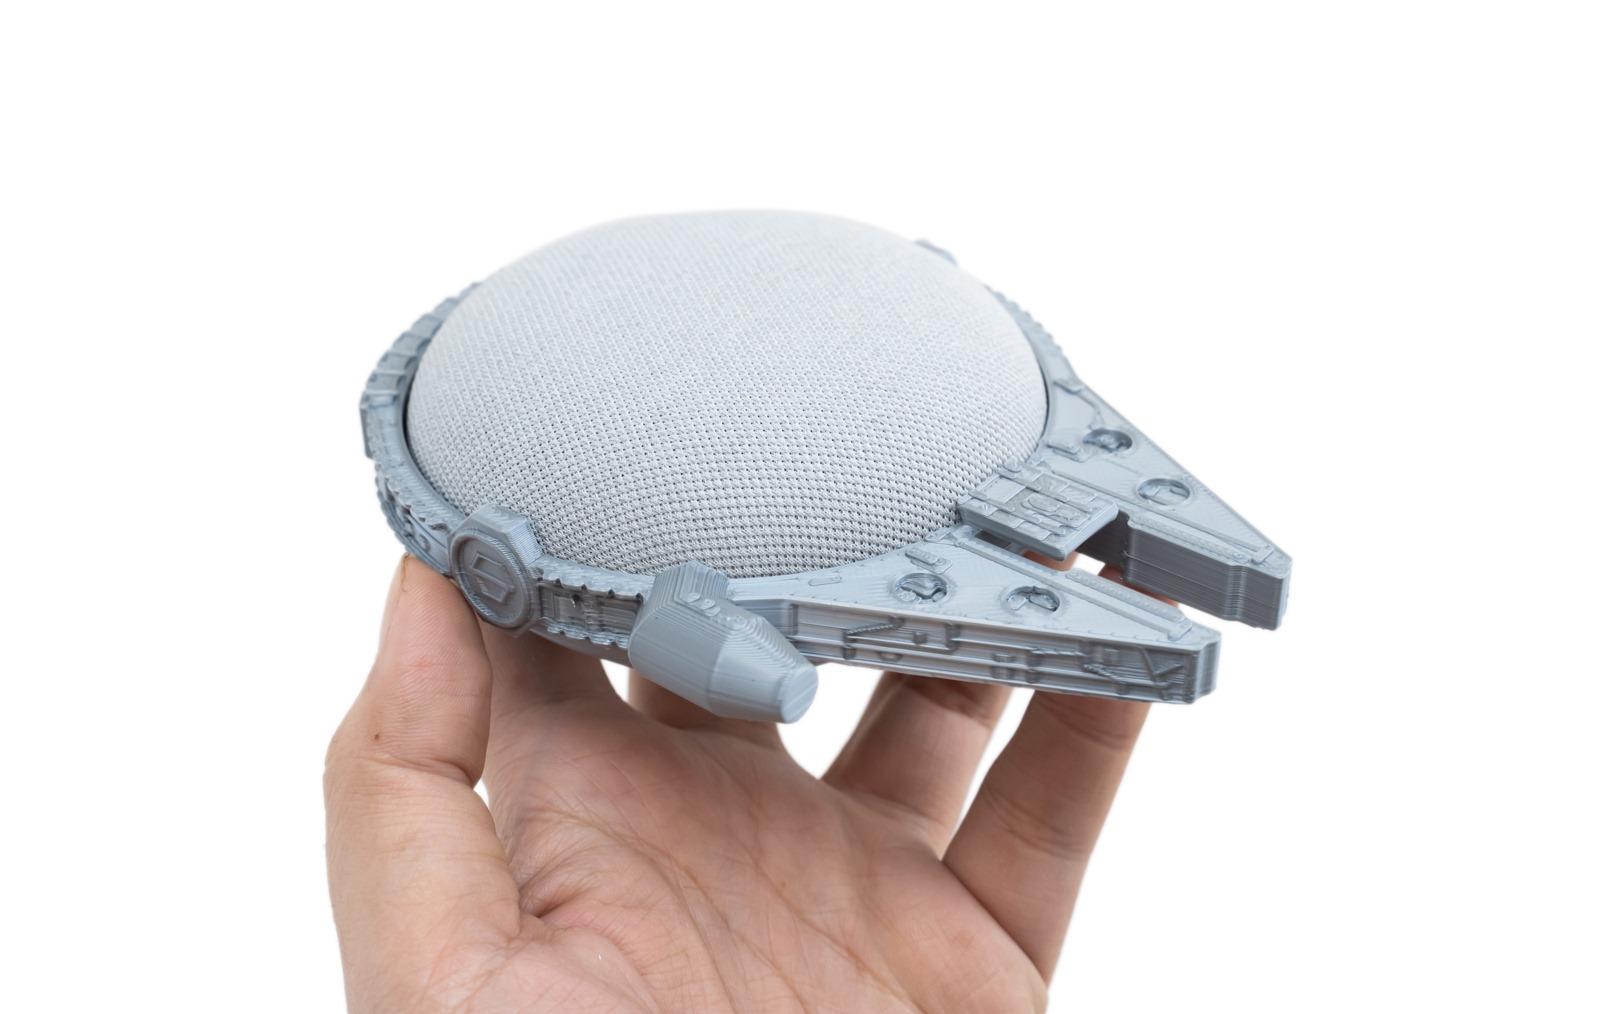 讓 Google Nest Mini 智慧喇叭不只聰明還更帥氣!超過 10 種 3D 列印配件推薦! @3C 達人廖阿輝